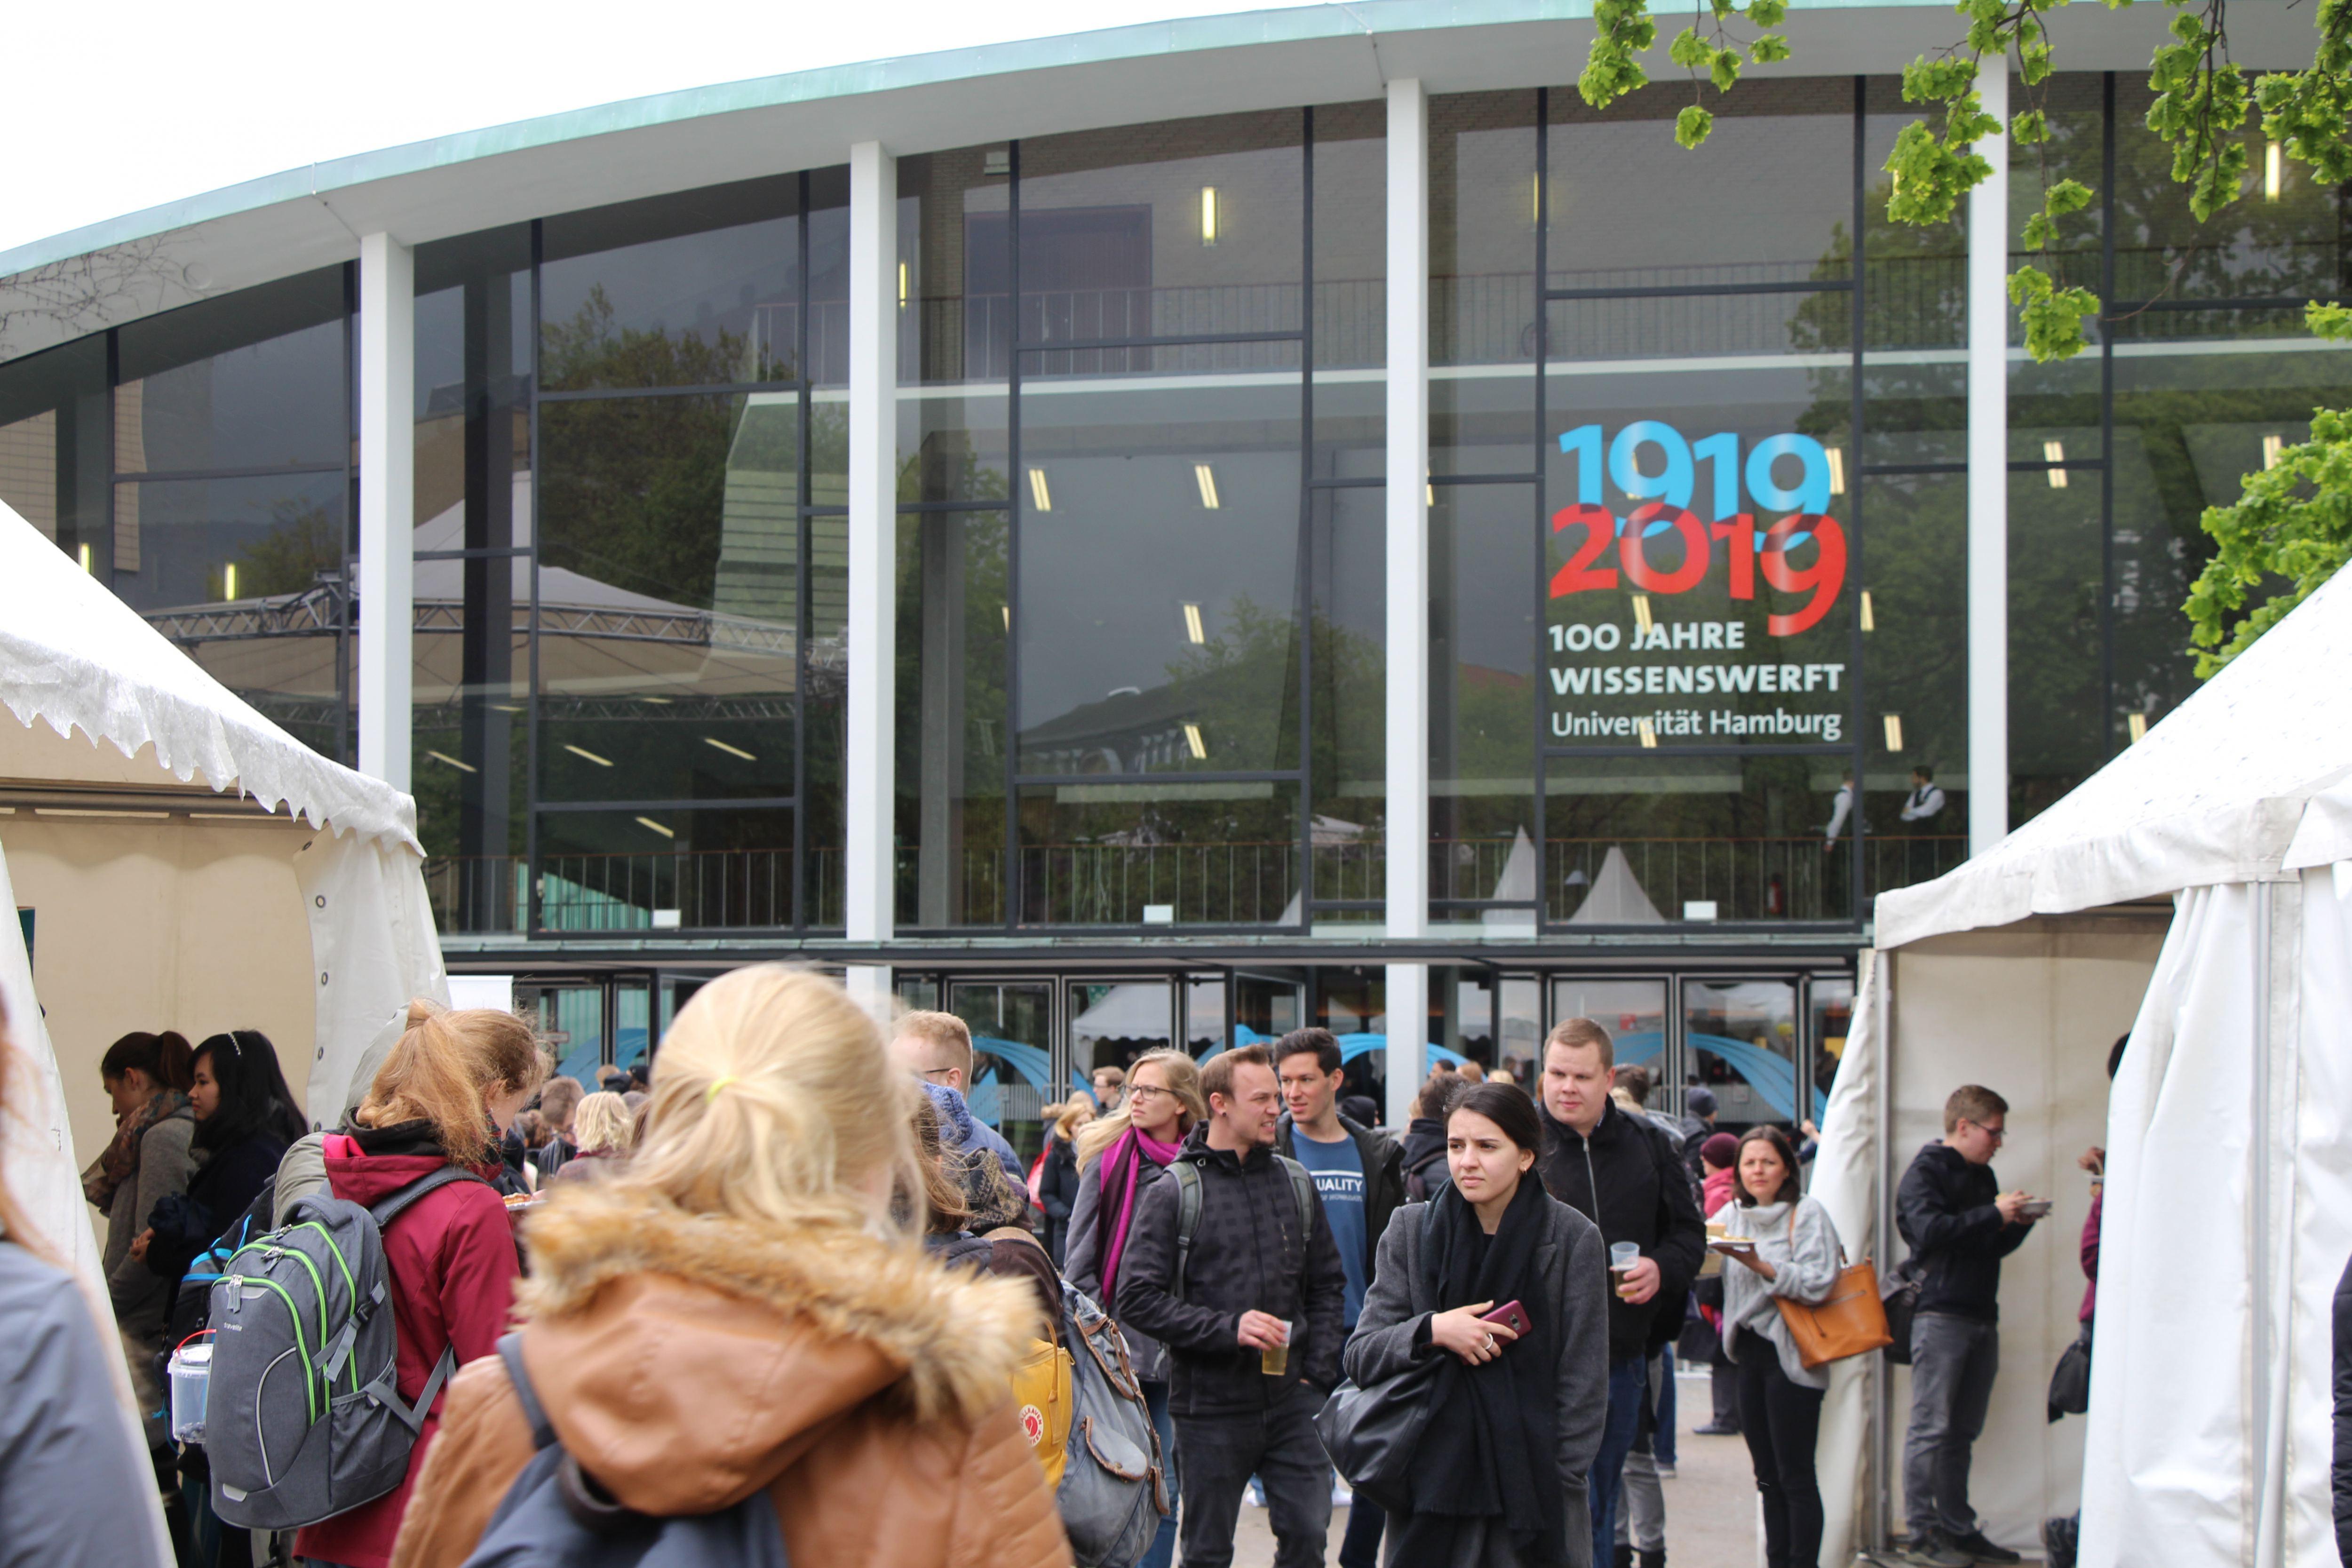 Etwa 1.400 Gästen haben im Audimax Platz gefunden. Foto: Alicia Wischhusen